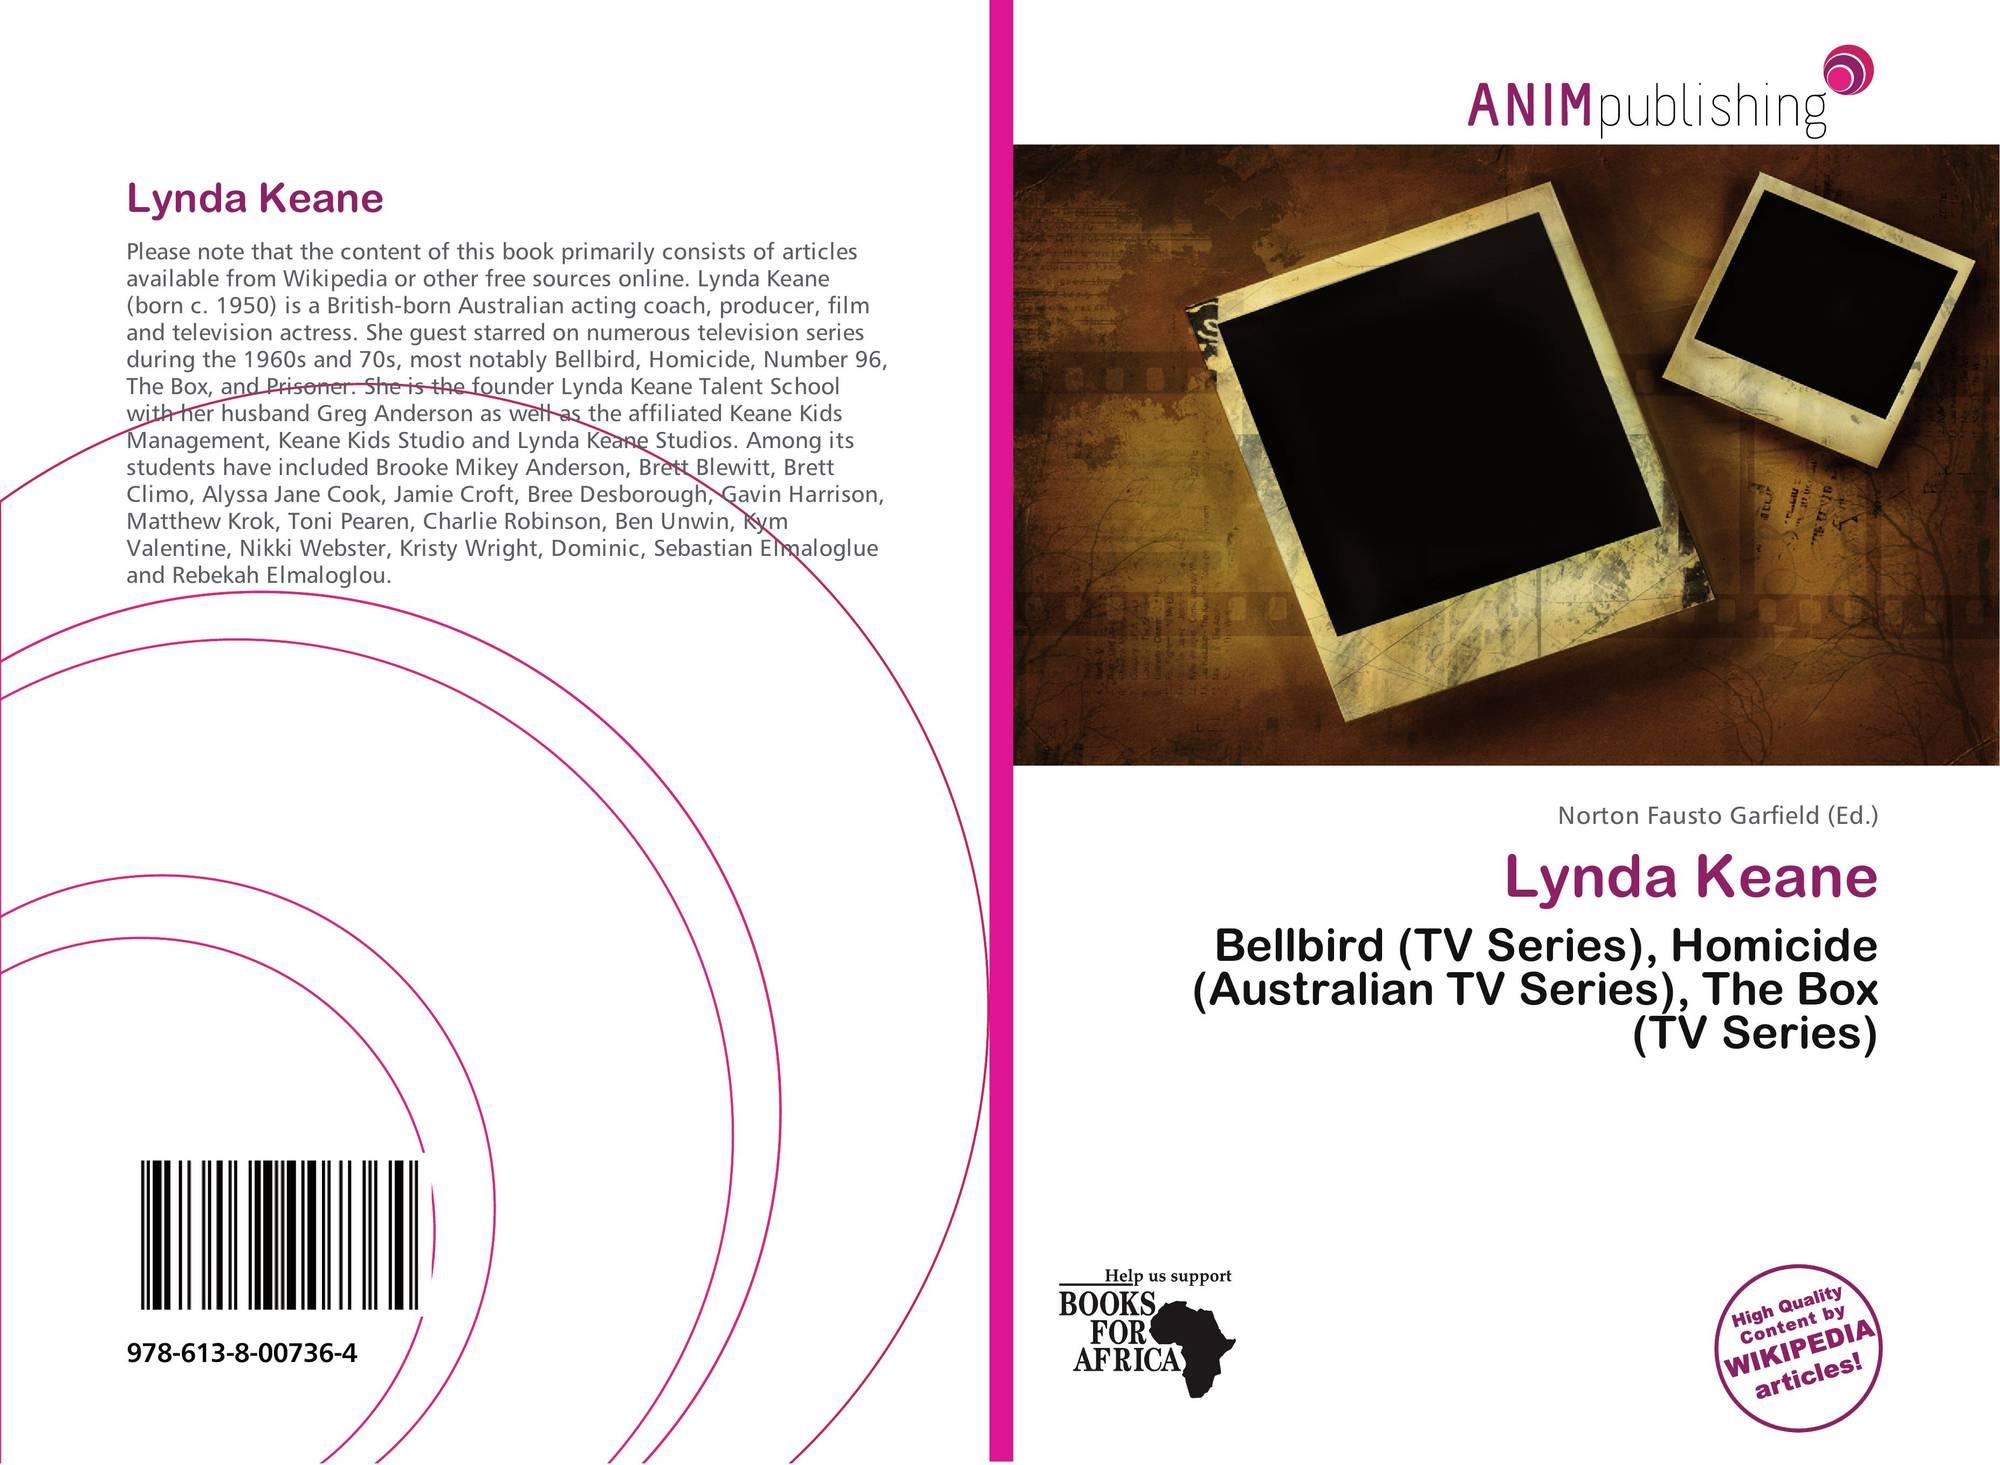 picture Lynda Keane